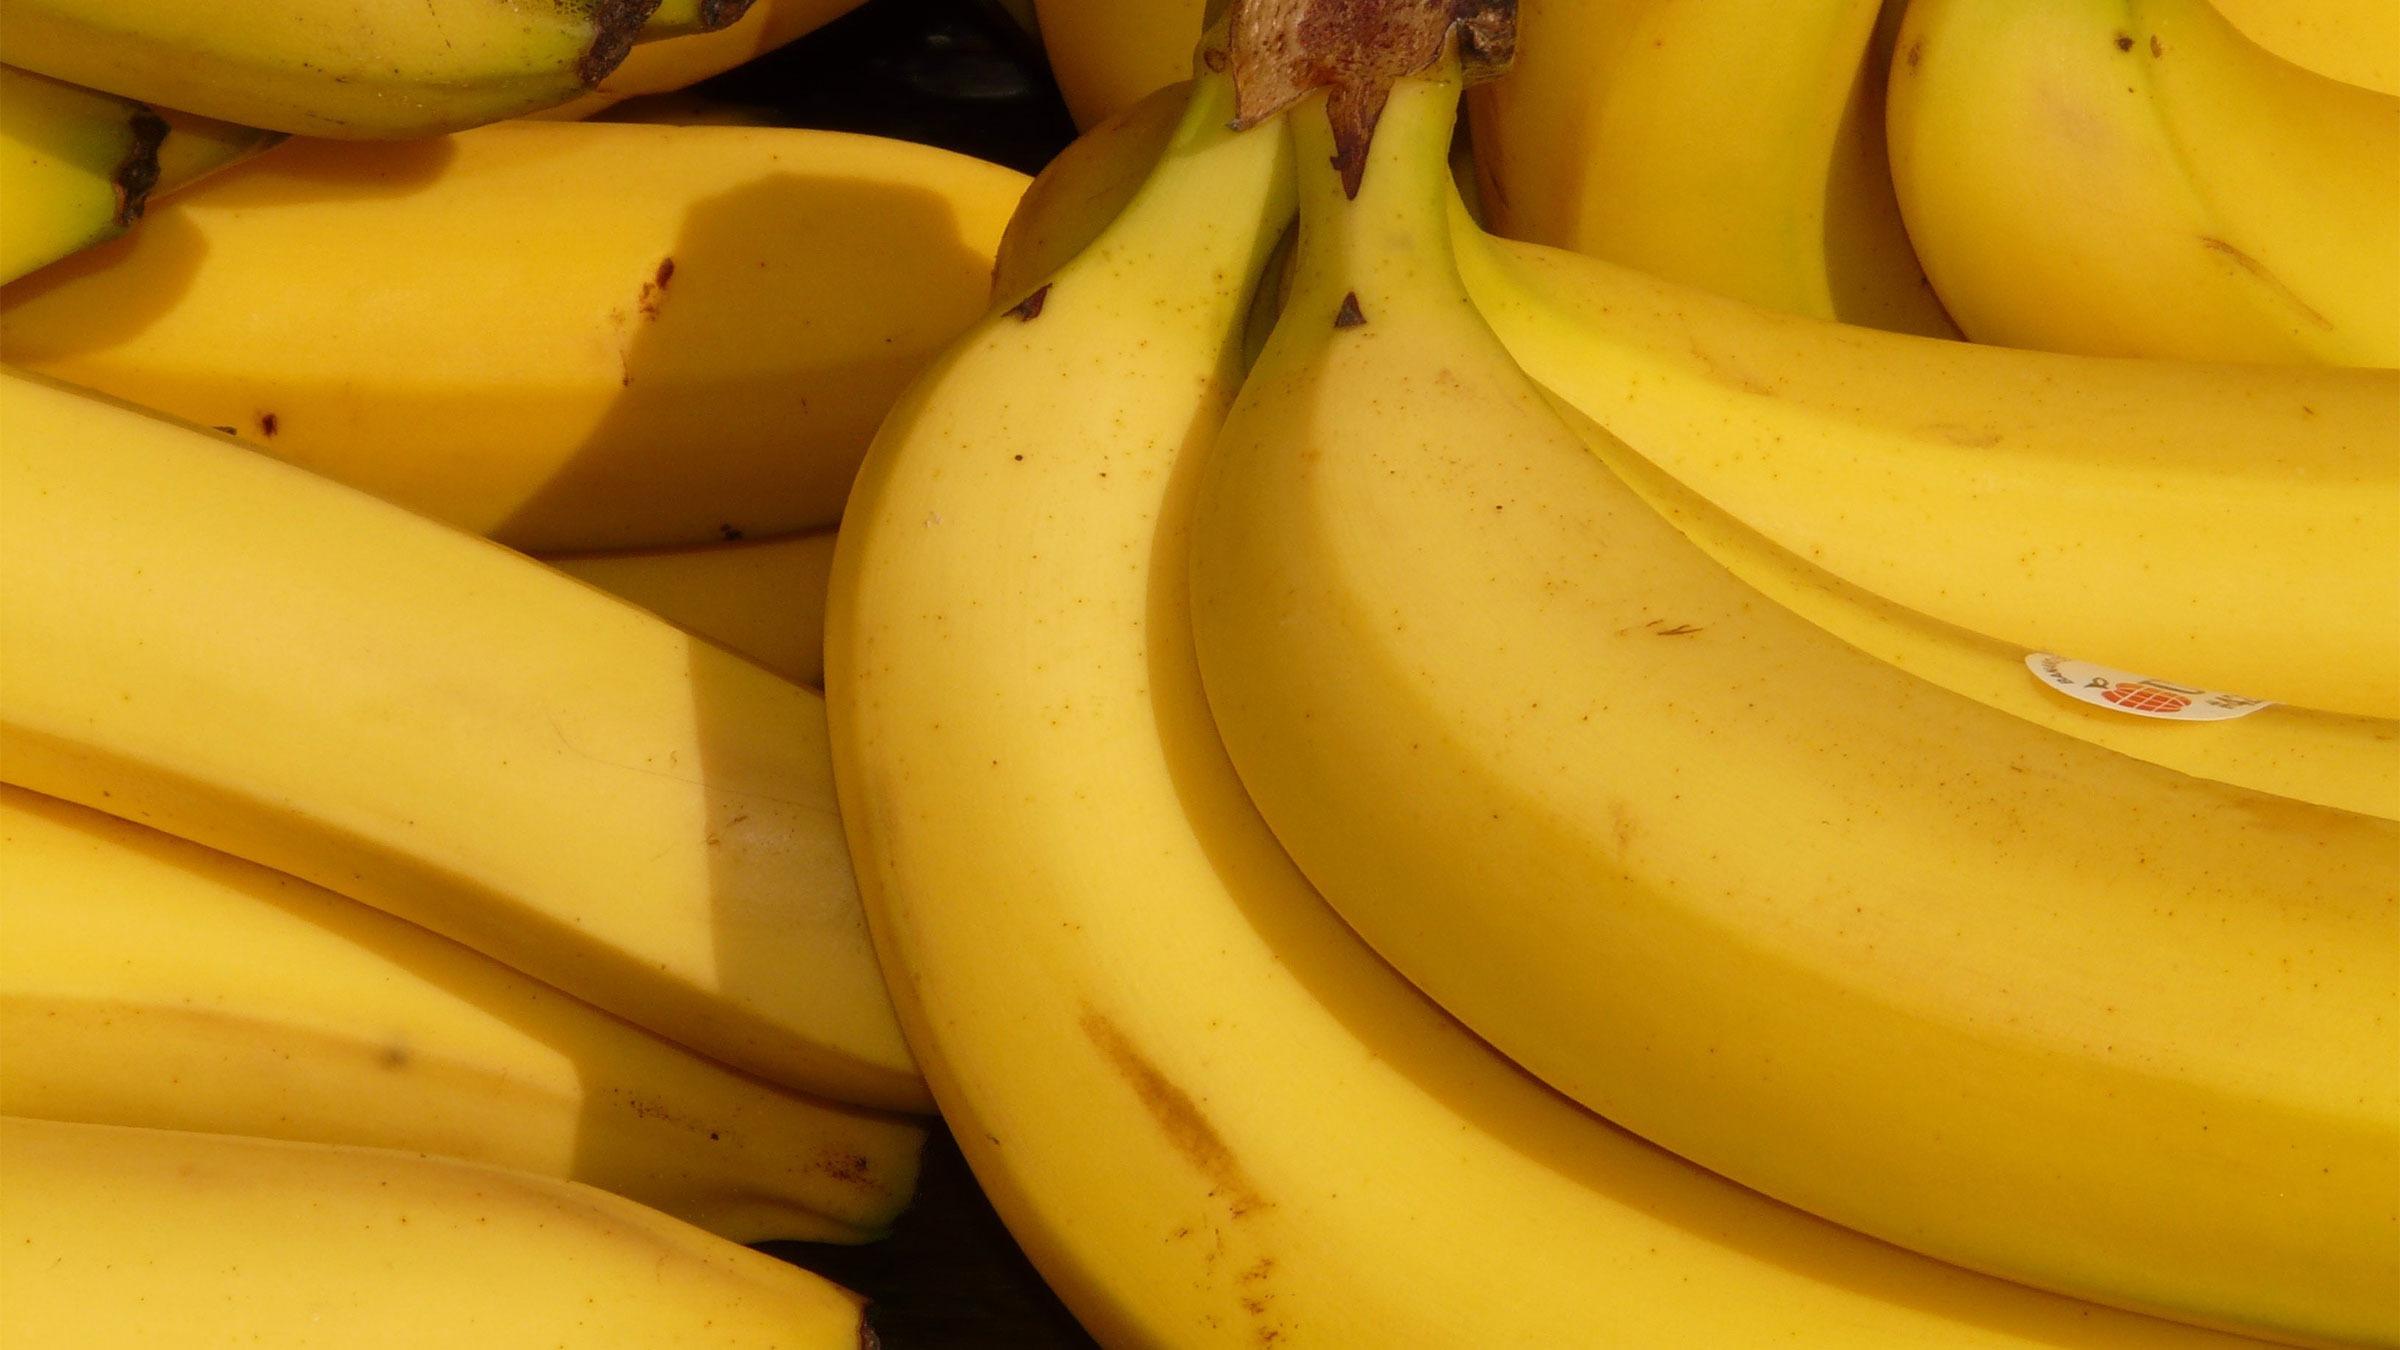 Joe banaan